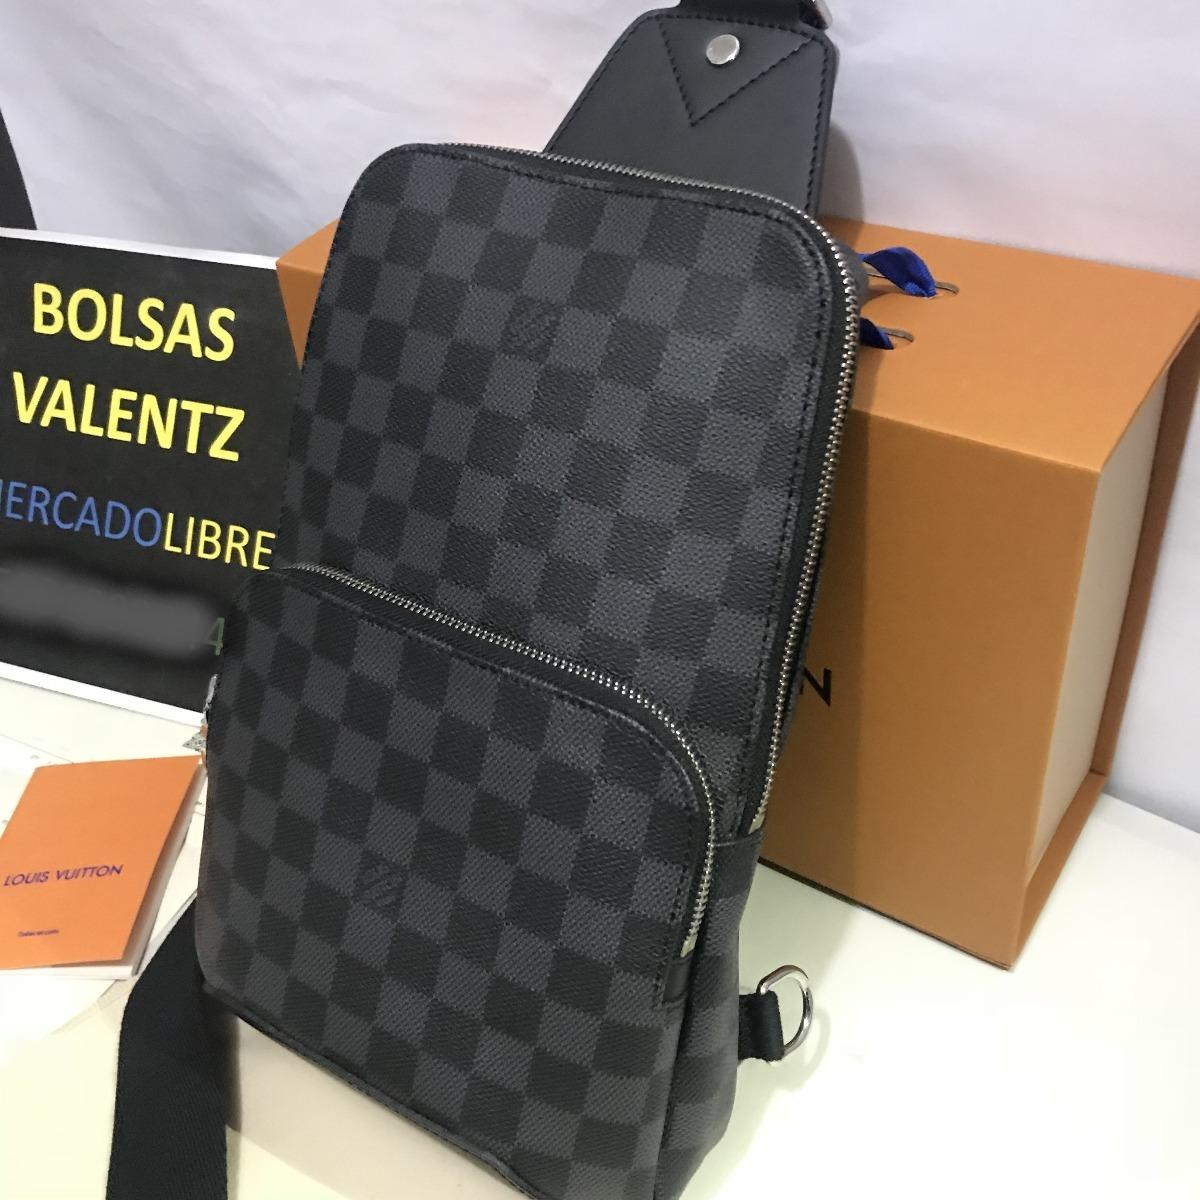 1c771160c Bolsas De Marca Louis Vuitton En Mercadolibre | The Art of Mike Mignola